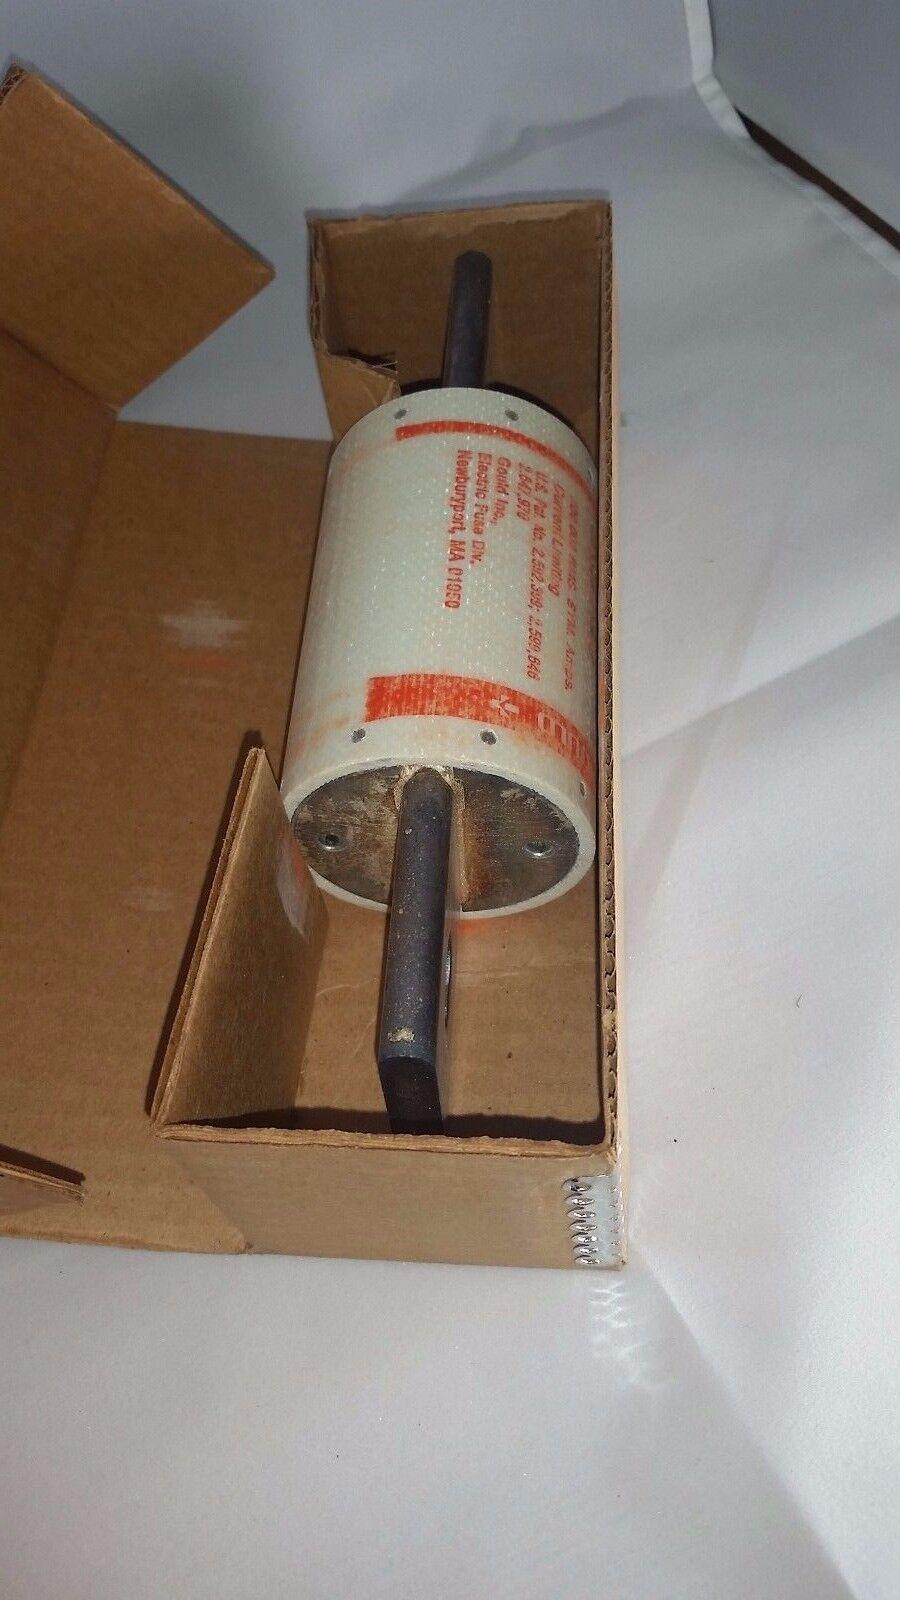 600 V Ferraz Gould Shawmut Mersen puissance électrique A4J450 Amp-Trap Fusible 450 A